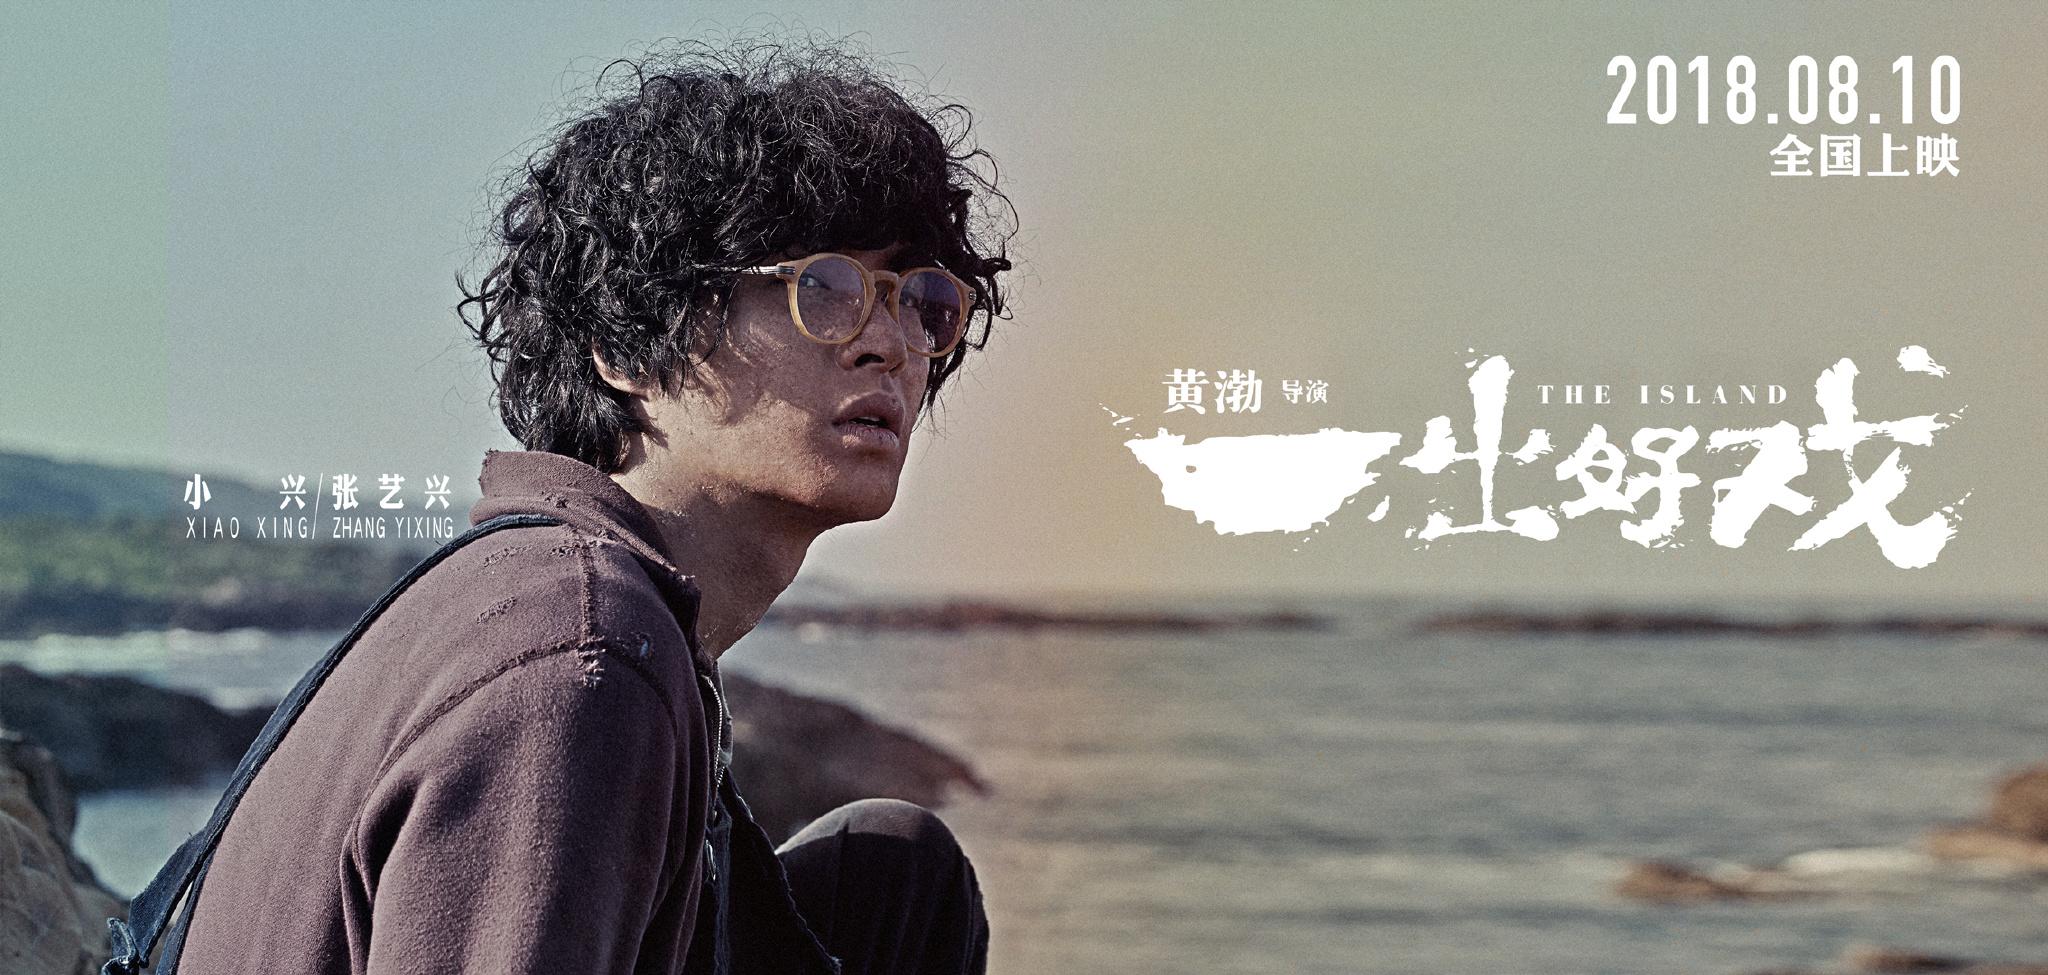 张艺兴凭《一出好戏》入围华鼎奖 将与姜武章宇等角逐最佳男配